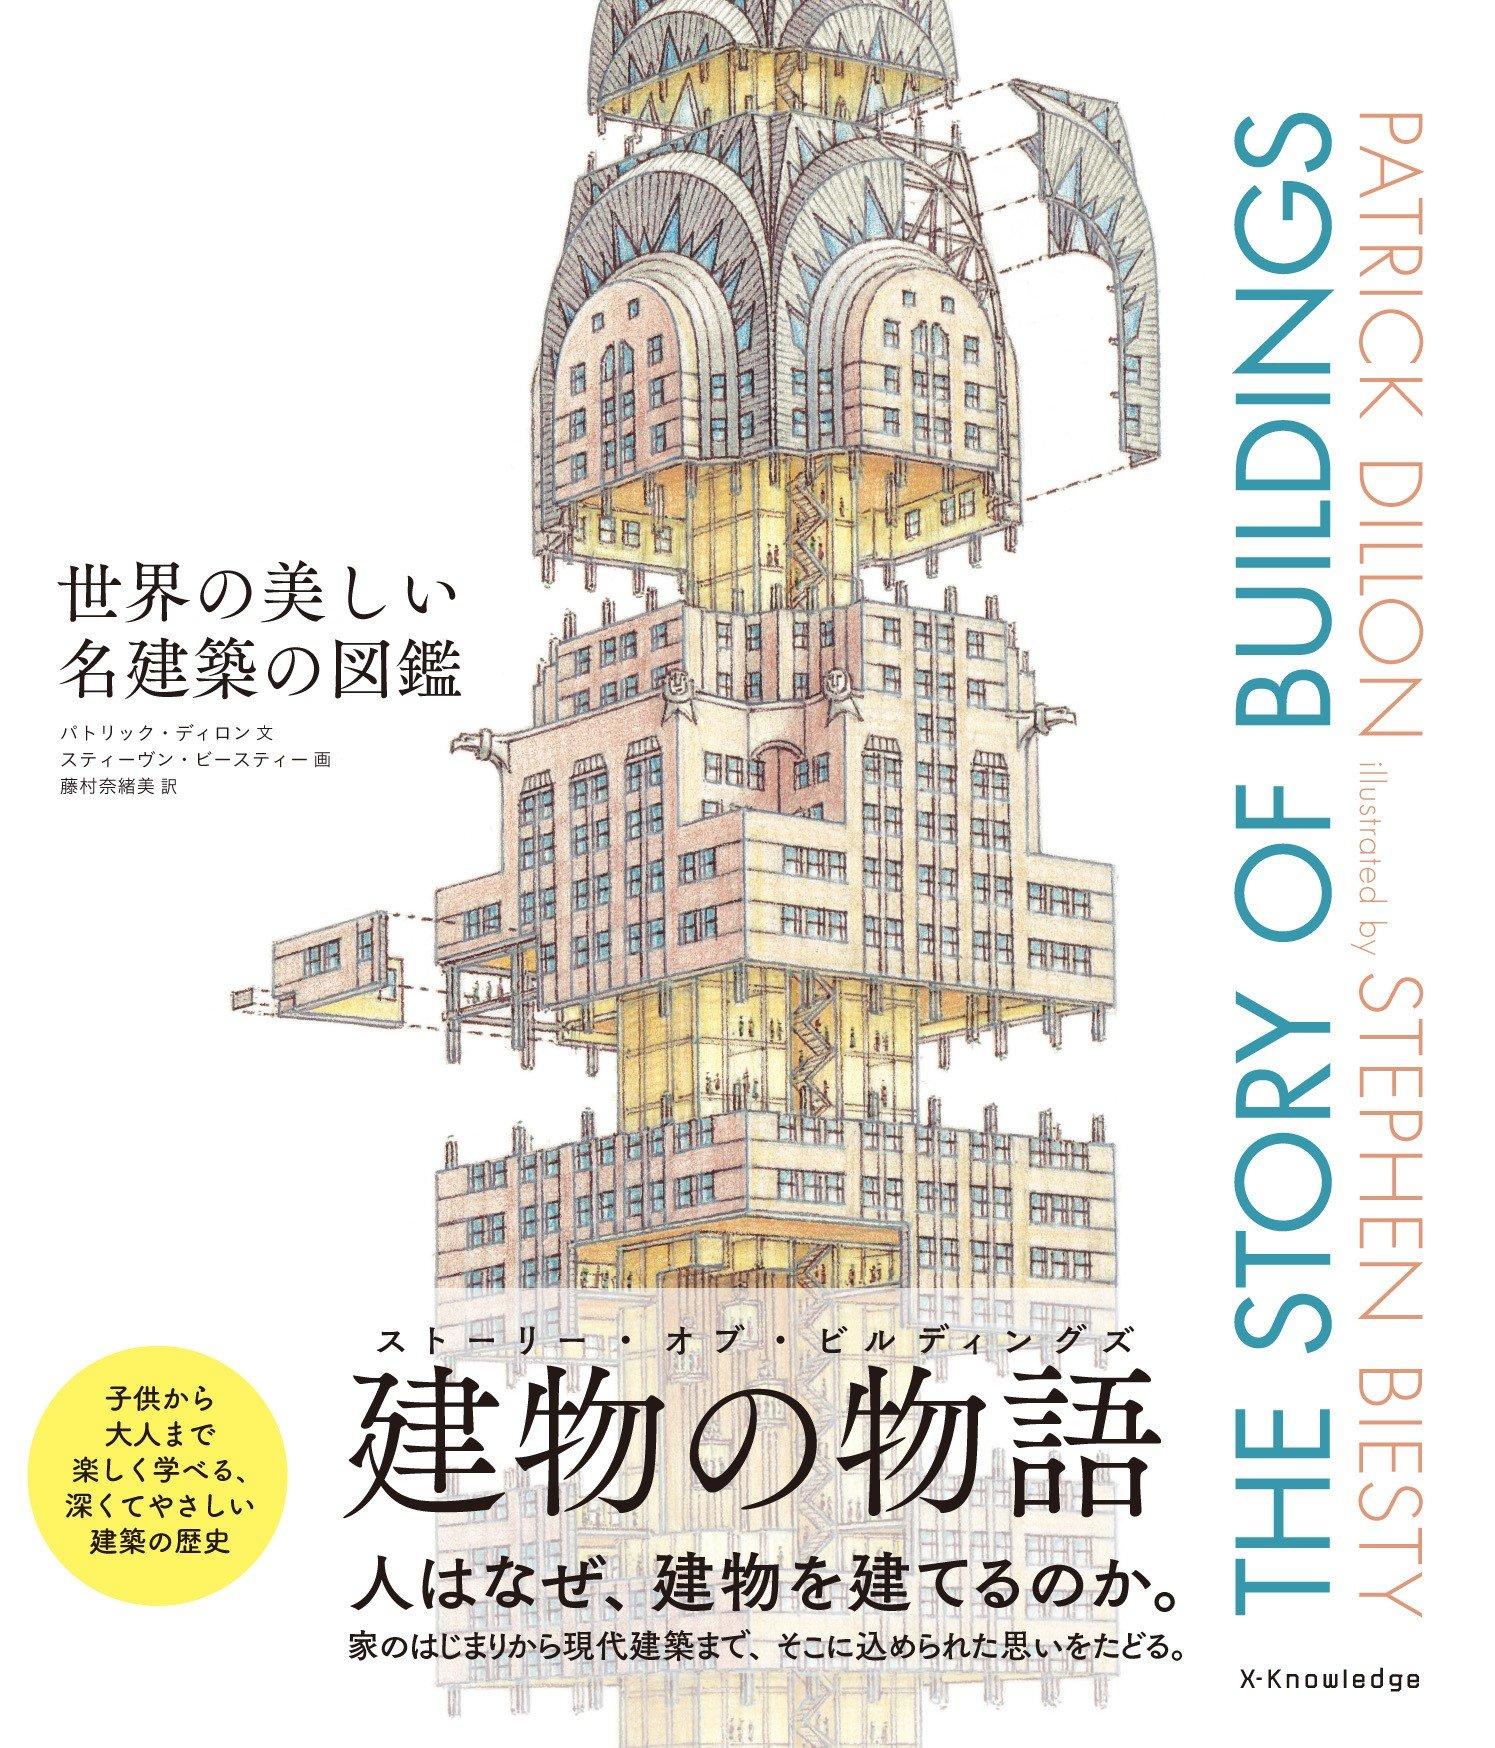 世界の美しい名建築の図鑑 THE STORY OF BUILDINGS